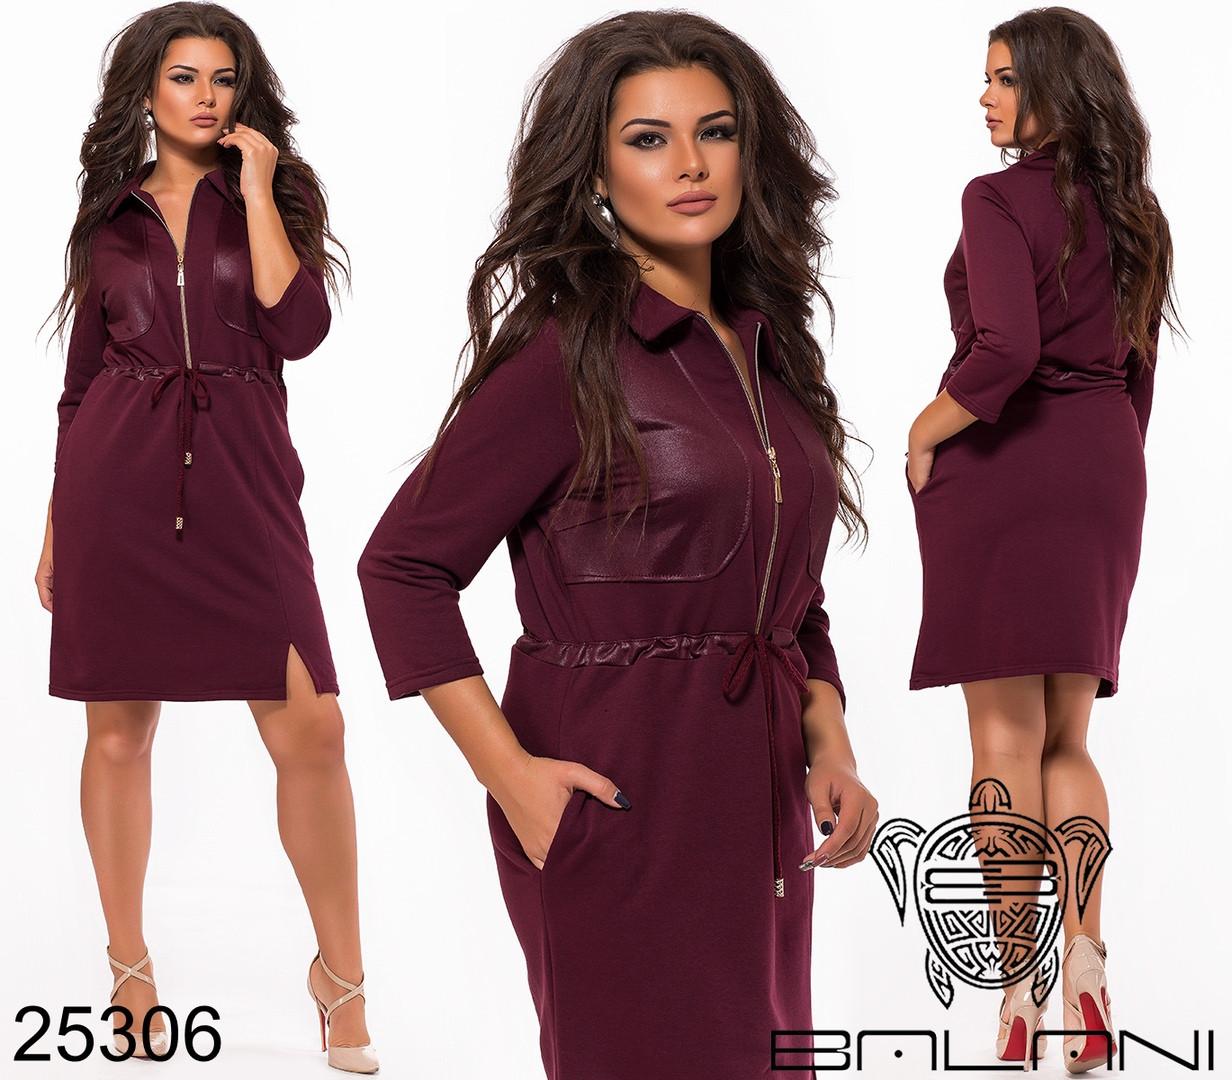 Модное теплое трикотажное платье на каждый день Производитель ТМ Balani размер 52,54,56,58